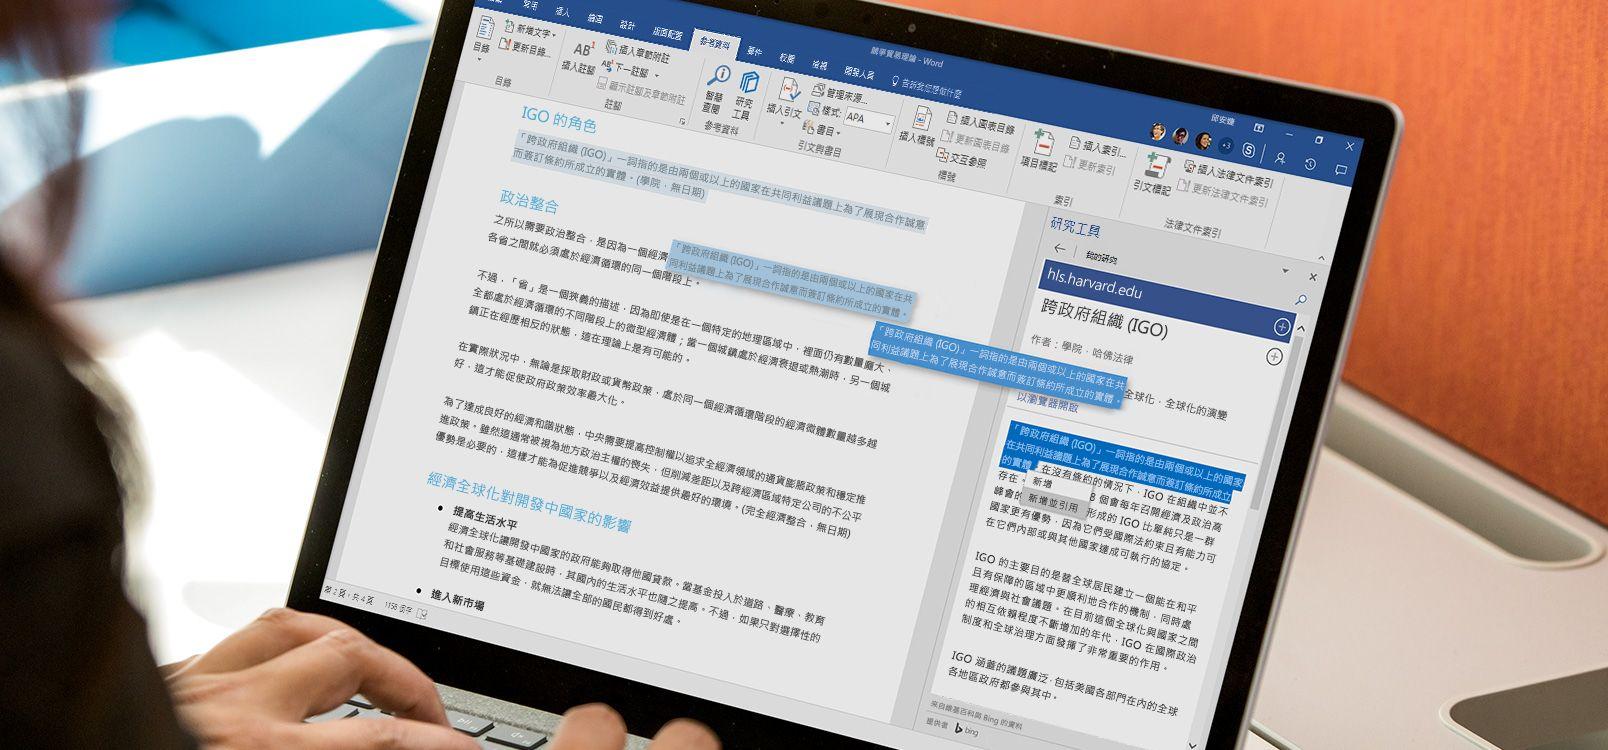 顯示使用研究工具功能的 Word 文件的膝上型電腦螢幕